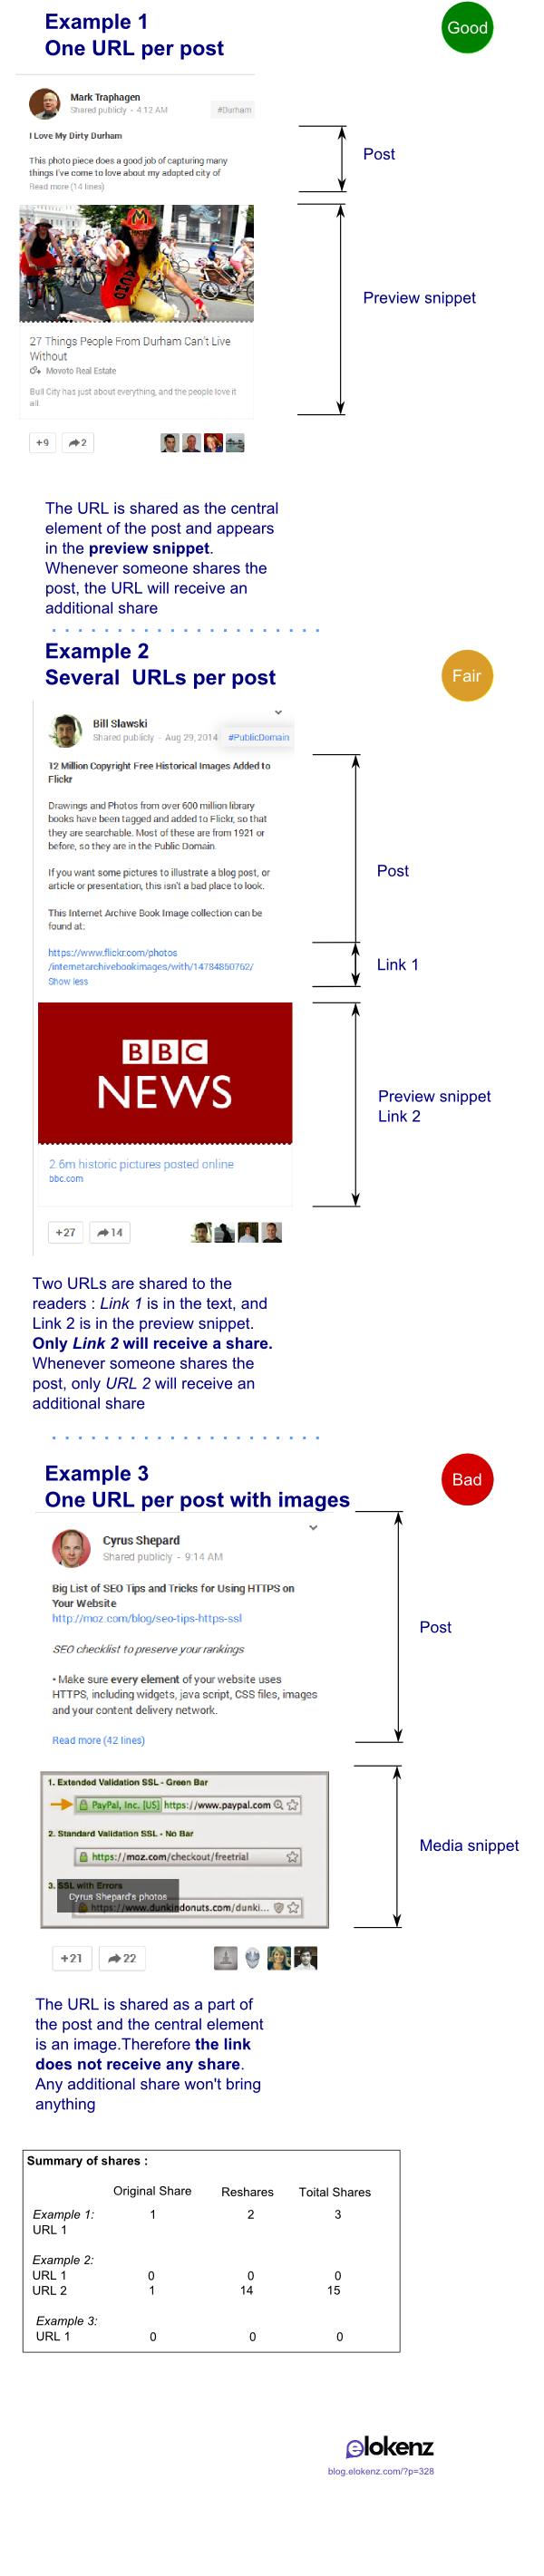 Différentes manières de partage d'URL